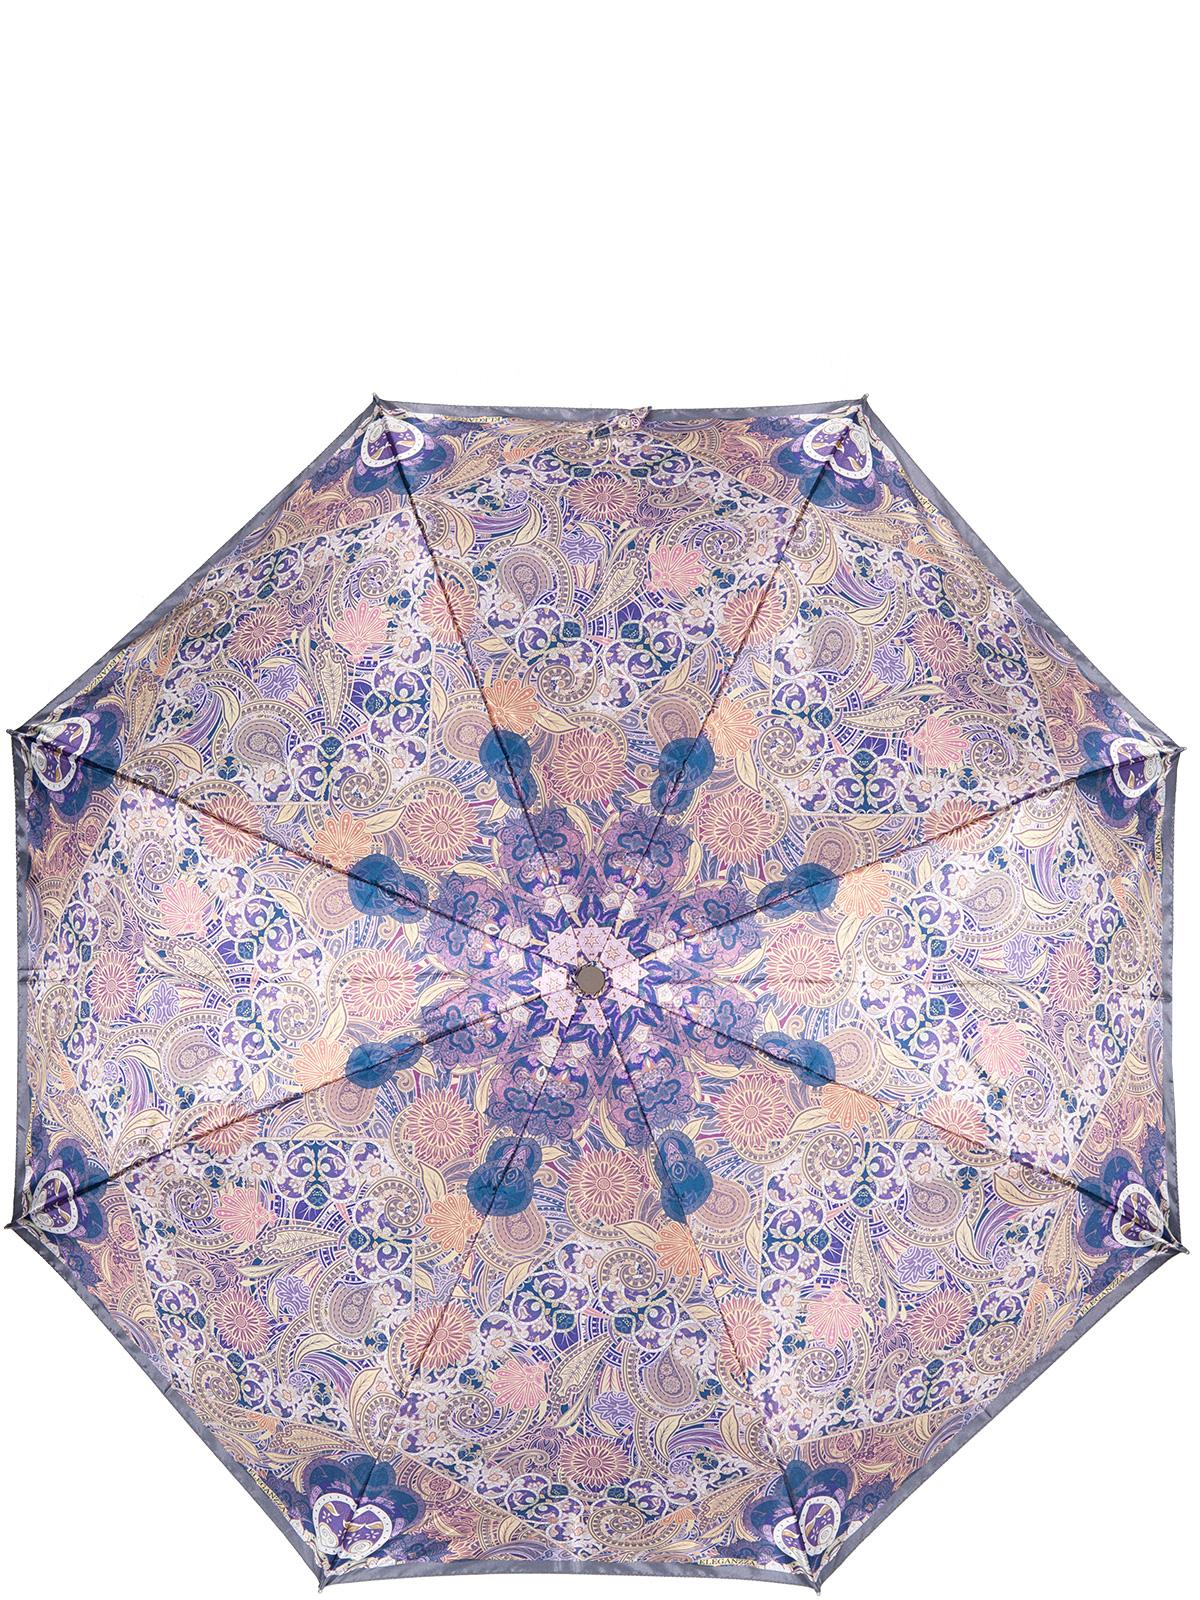 Зонт женский Eleganzza, цвет: фиолетовый. A3-05-0323LSA3-05-0323LSЖенский зонт-автомат торговой марки Eleganzza с каркасом Smart, который позволяет без особых усилий складывать зонт, не позволяя стержню вылетать обратно. Купол: 100% полиэстер, сатин. Материал каркаса: сталь + фибергласс. Материал ручки: пластик. Длина изделия - 30 см. Диаметр купола - 105 см. Система Smart, не позволяет стержню при сложении вылететь обратно, это облегчает сложение зонта! При сложении есть характерный звук-треск, как трещетка. Примечание: зонт не откроется с кнопки если его не закрыть до щелчка.